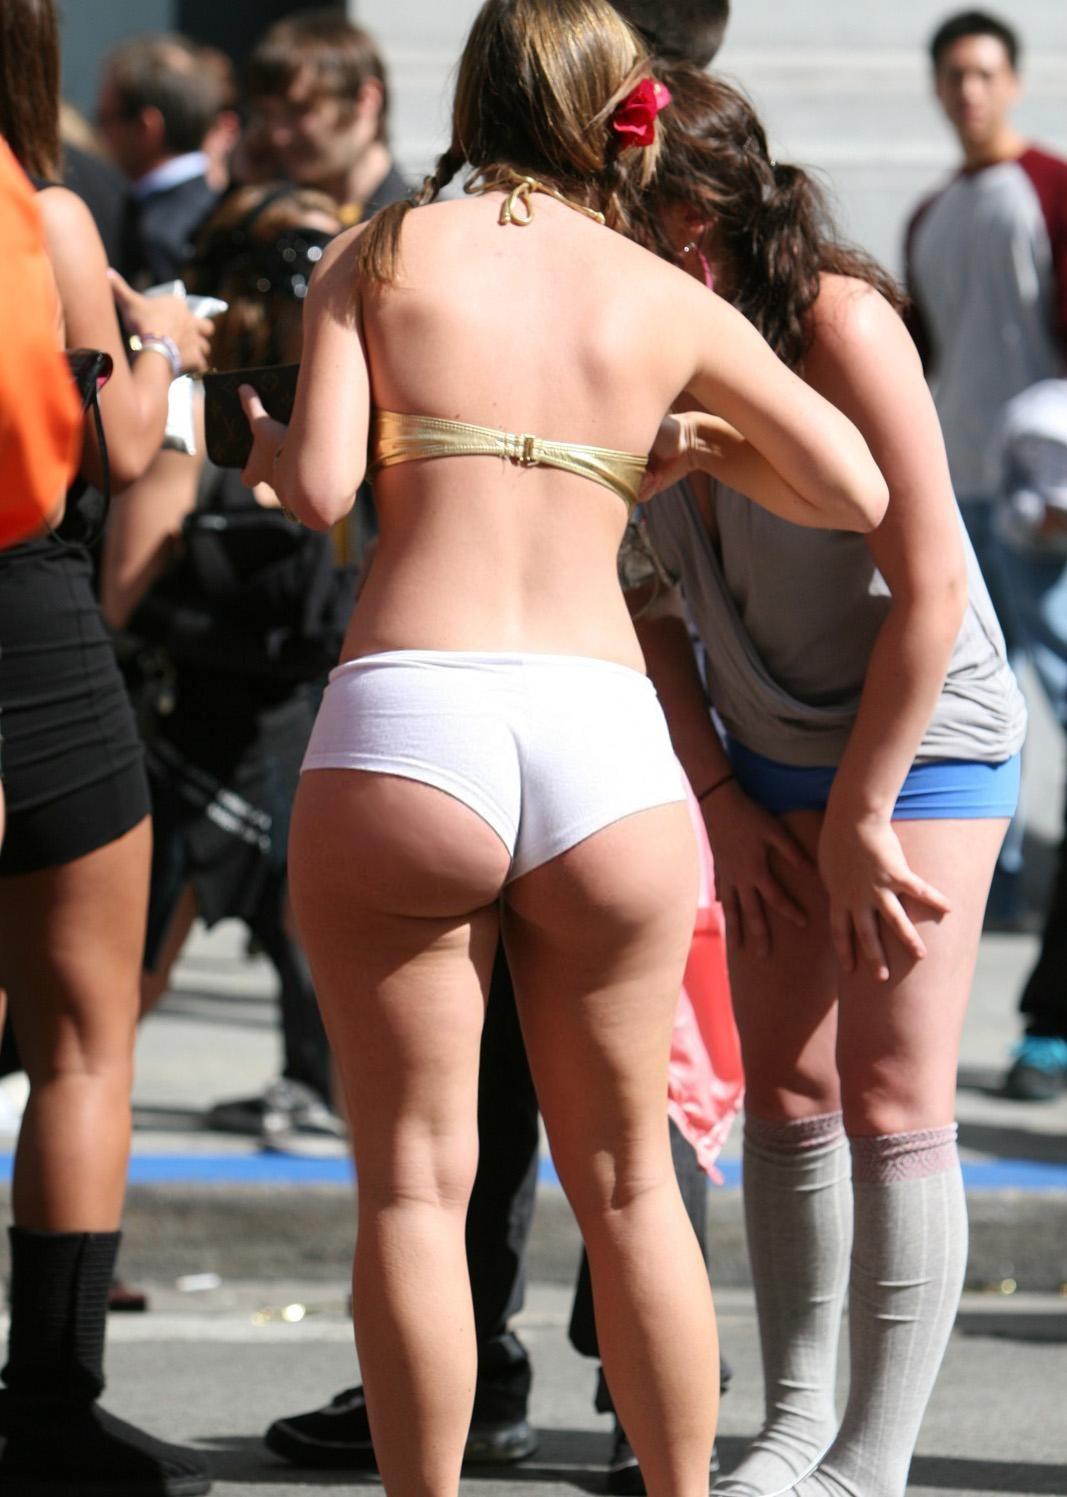 Спортивные девушки позируют в обтягивающей одежде секс фото и порно фото